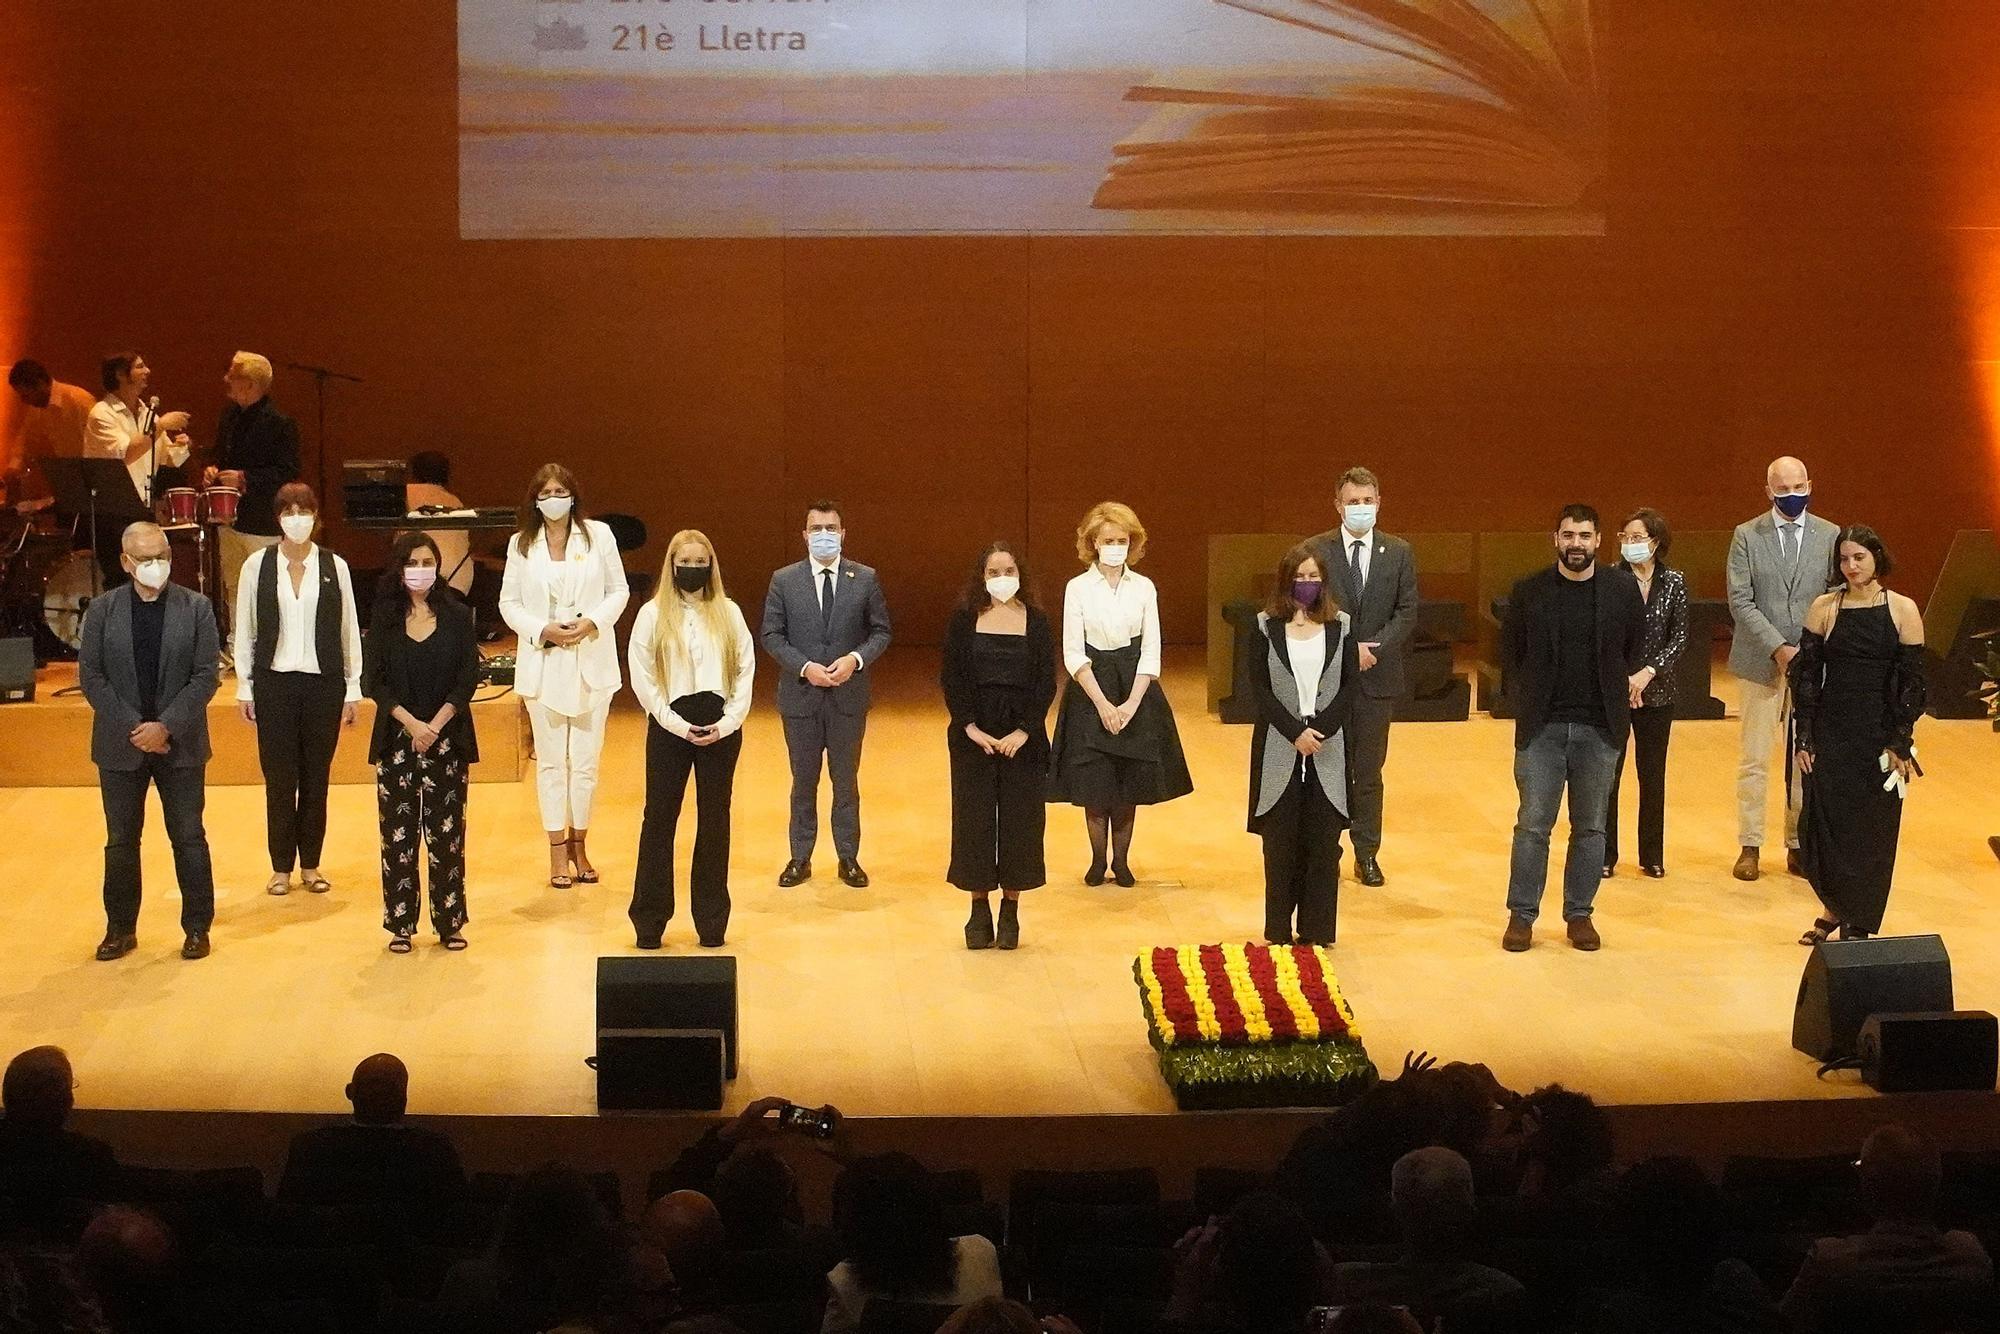 Els Premis Bertrana baten rècords de participació